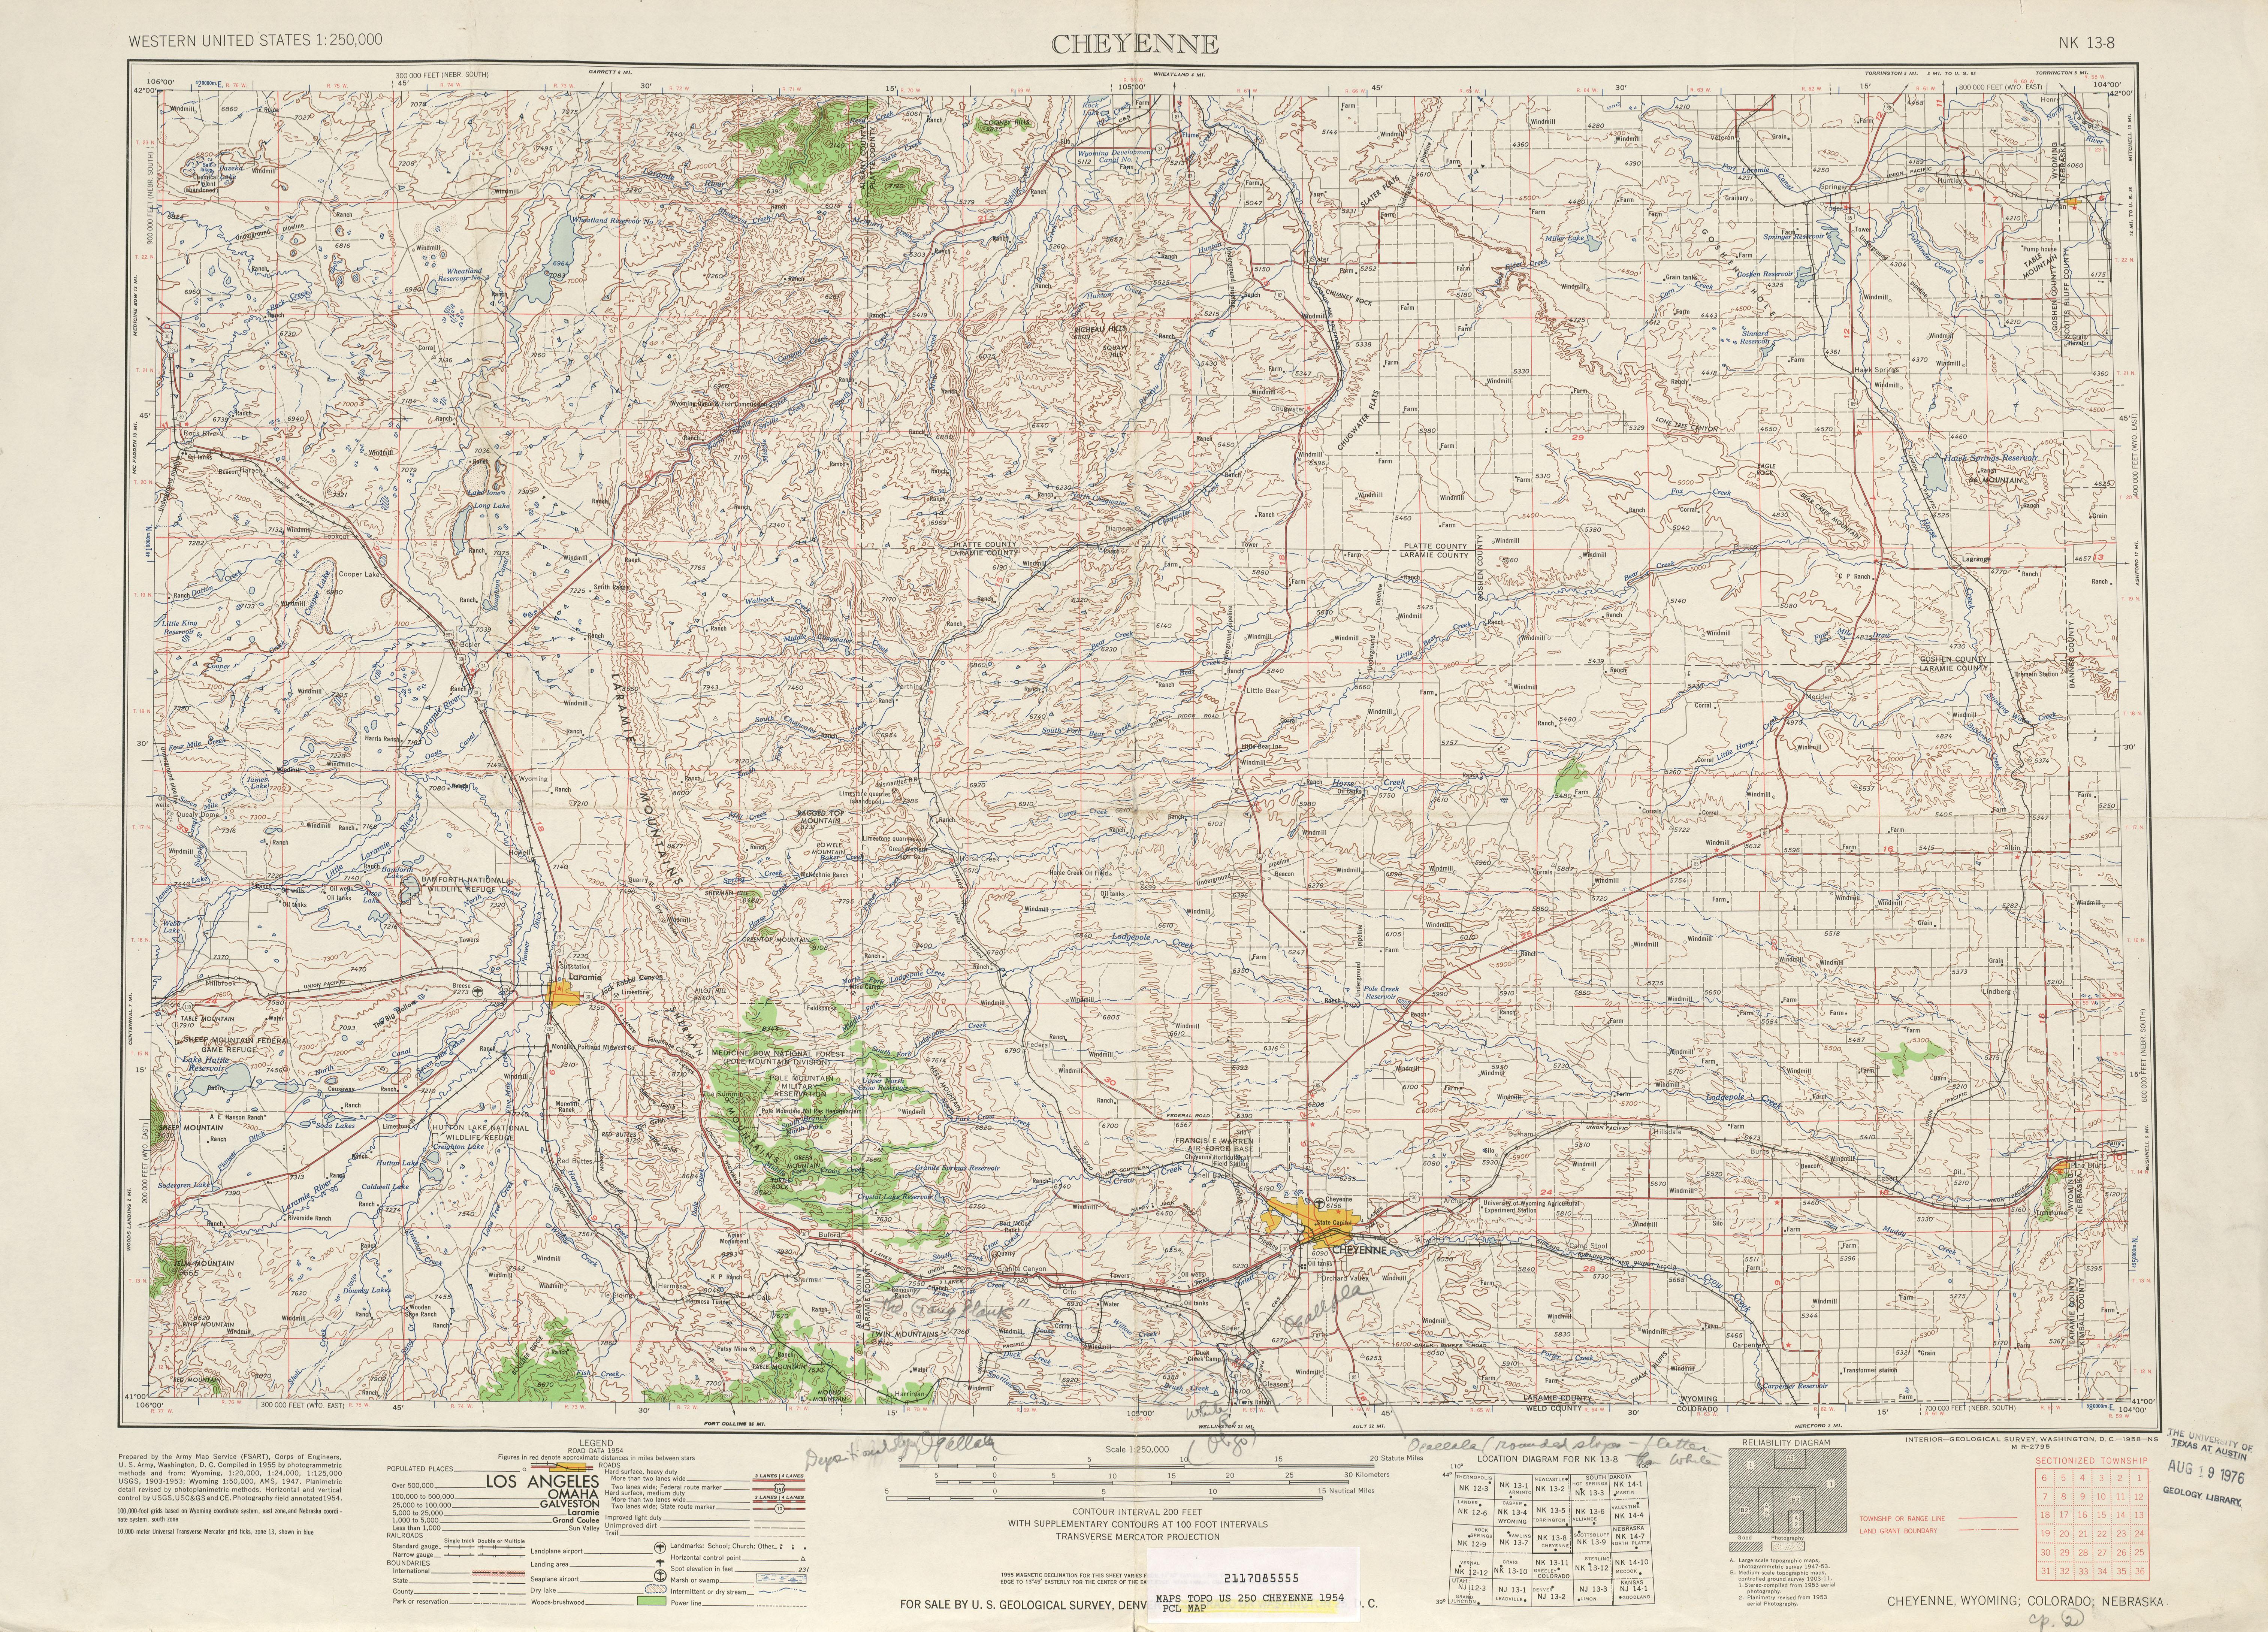 Hoja Cheyenne del Mapa Topográfico de los Estados Unidos 1954